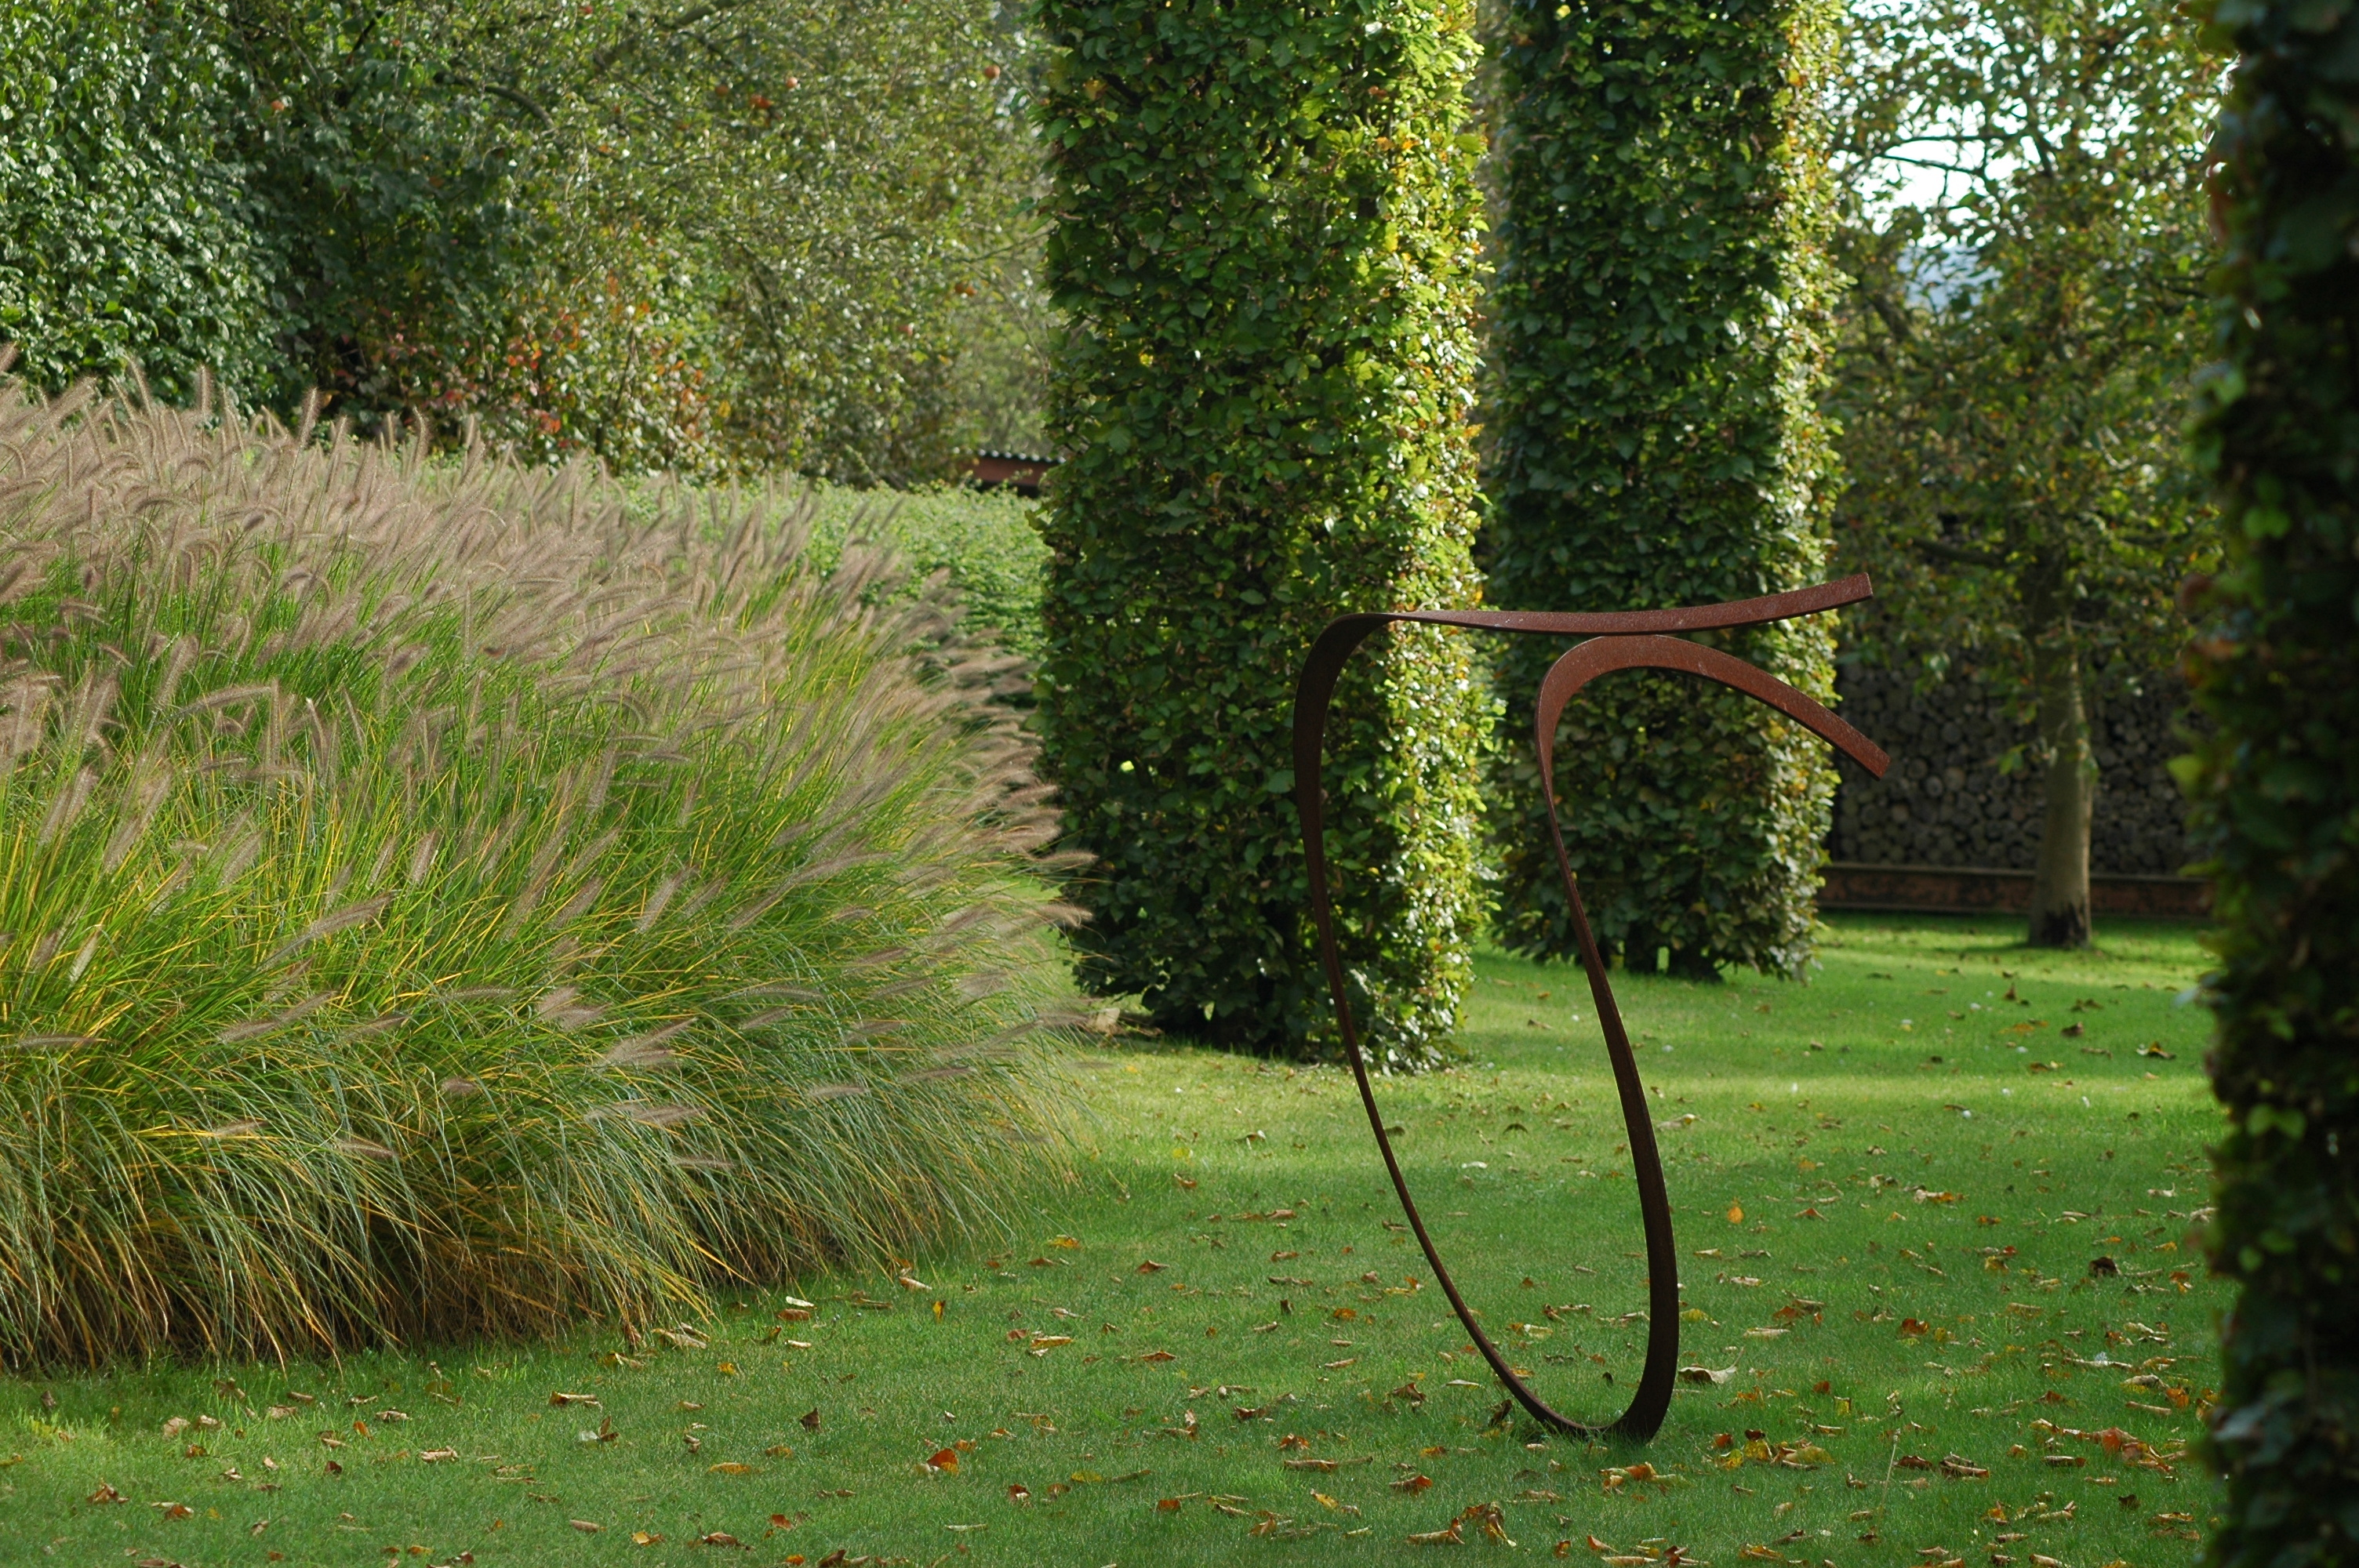 kunstobject uit ijzer in tuin